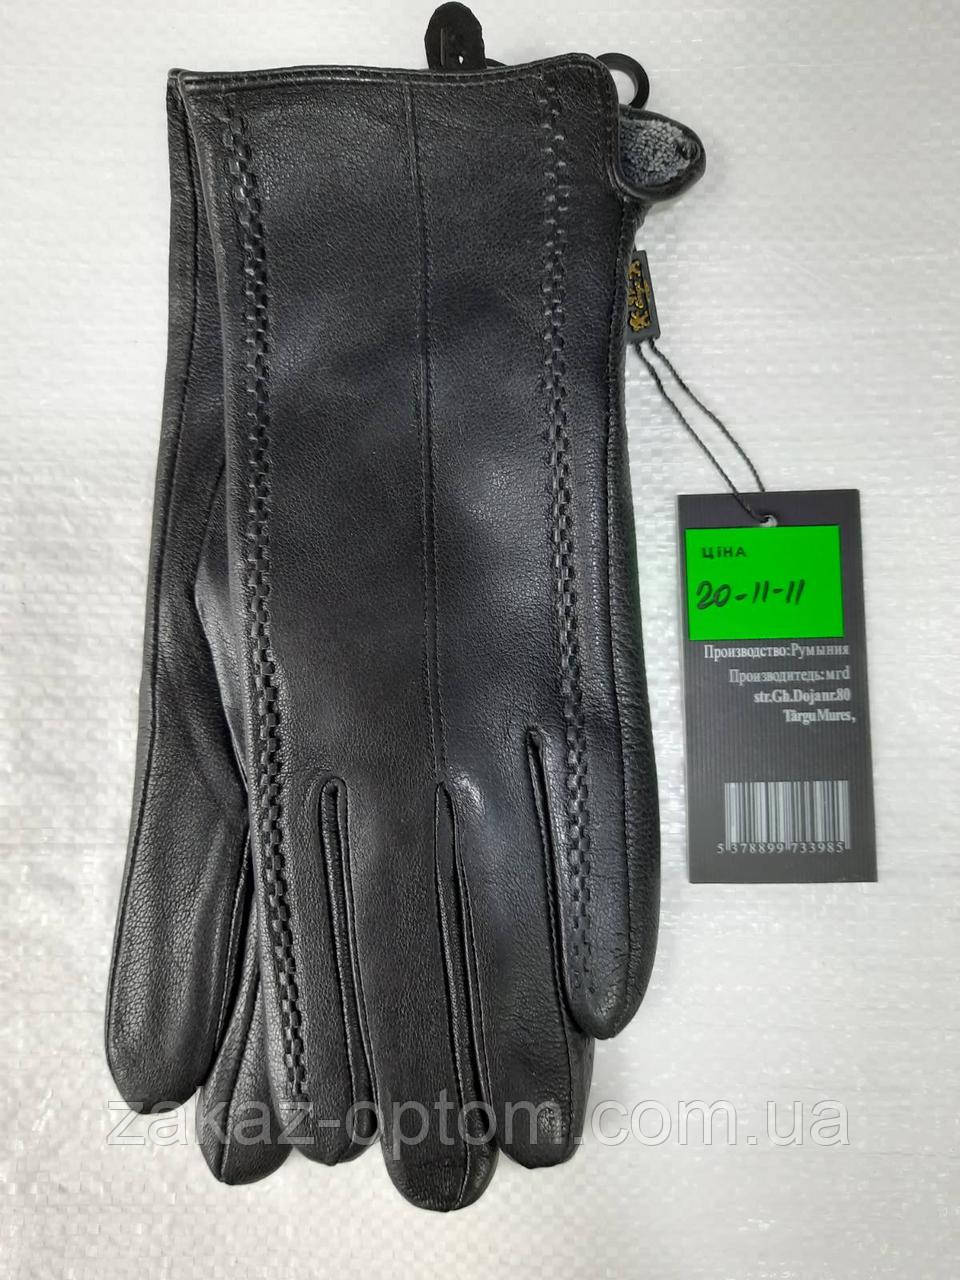 Перчатки женские кожа оптом внутри плюшевая махра(6,5-8,5)Румыния20-11-10 -63183